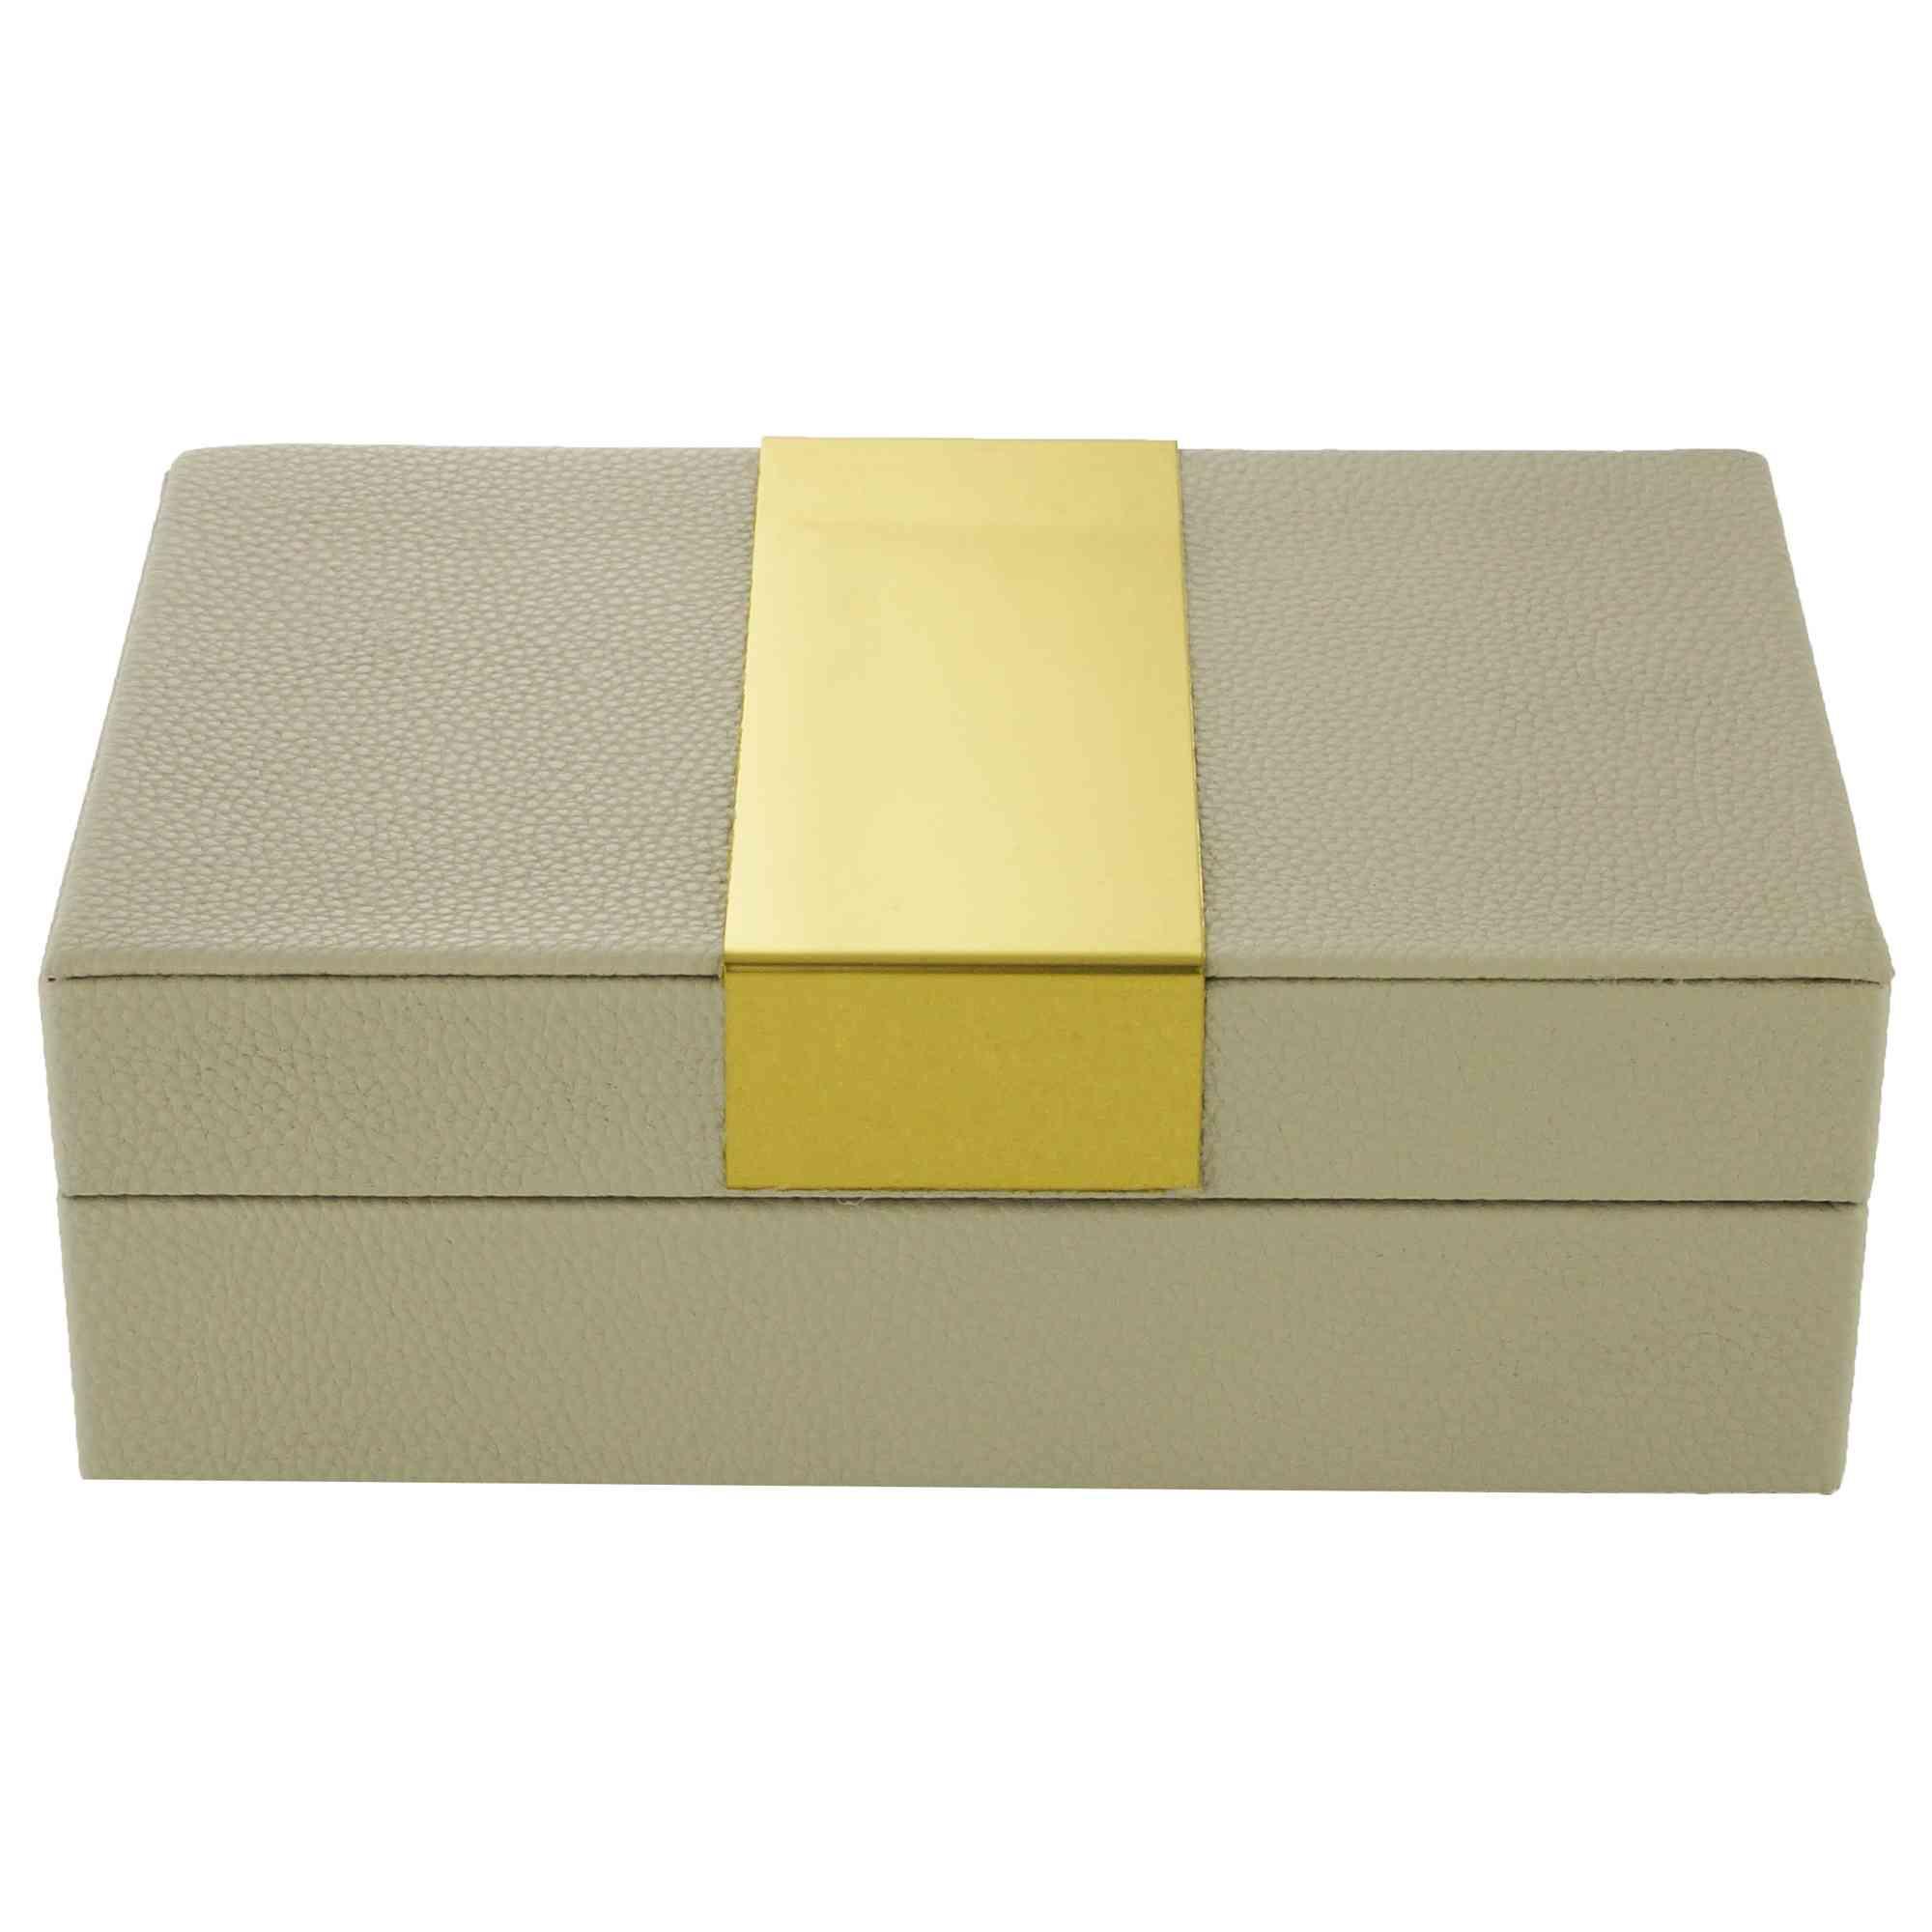 Caixa Decorativa Madeira Courino Cinza